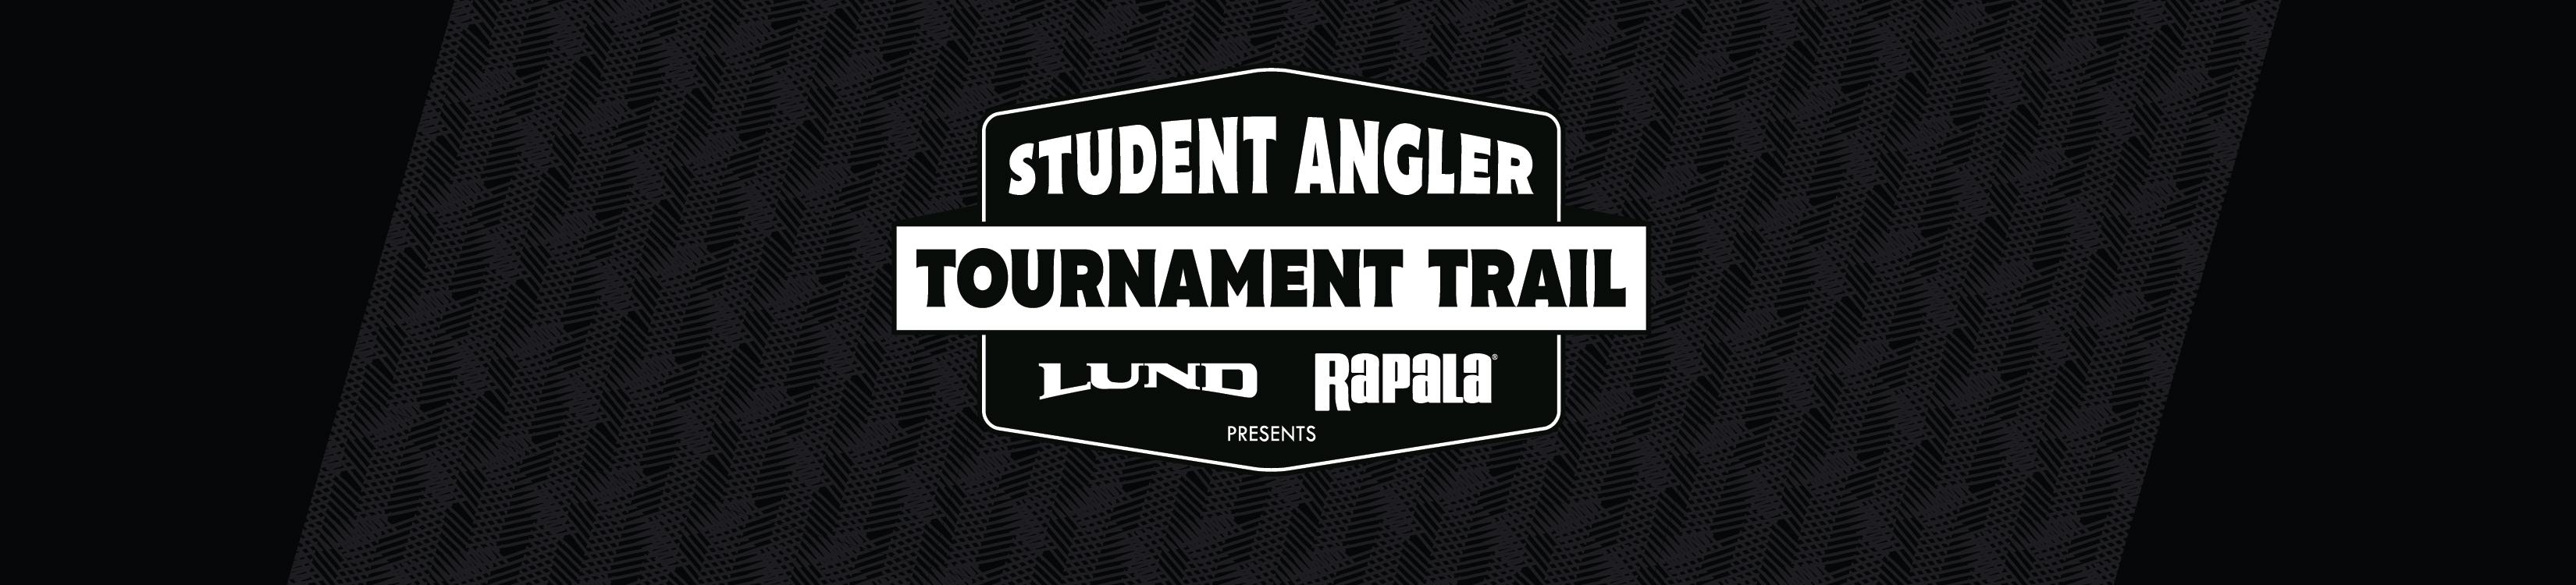 Student Angler Tournament Trail